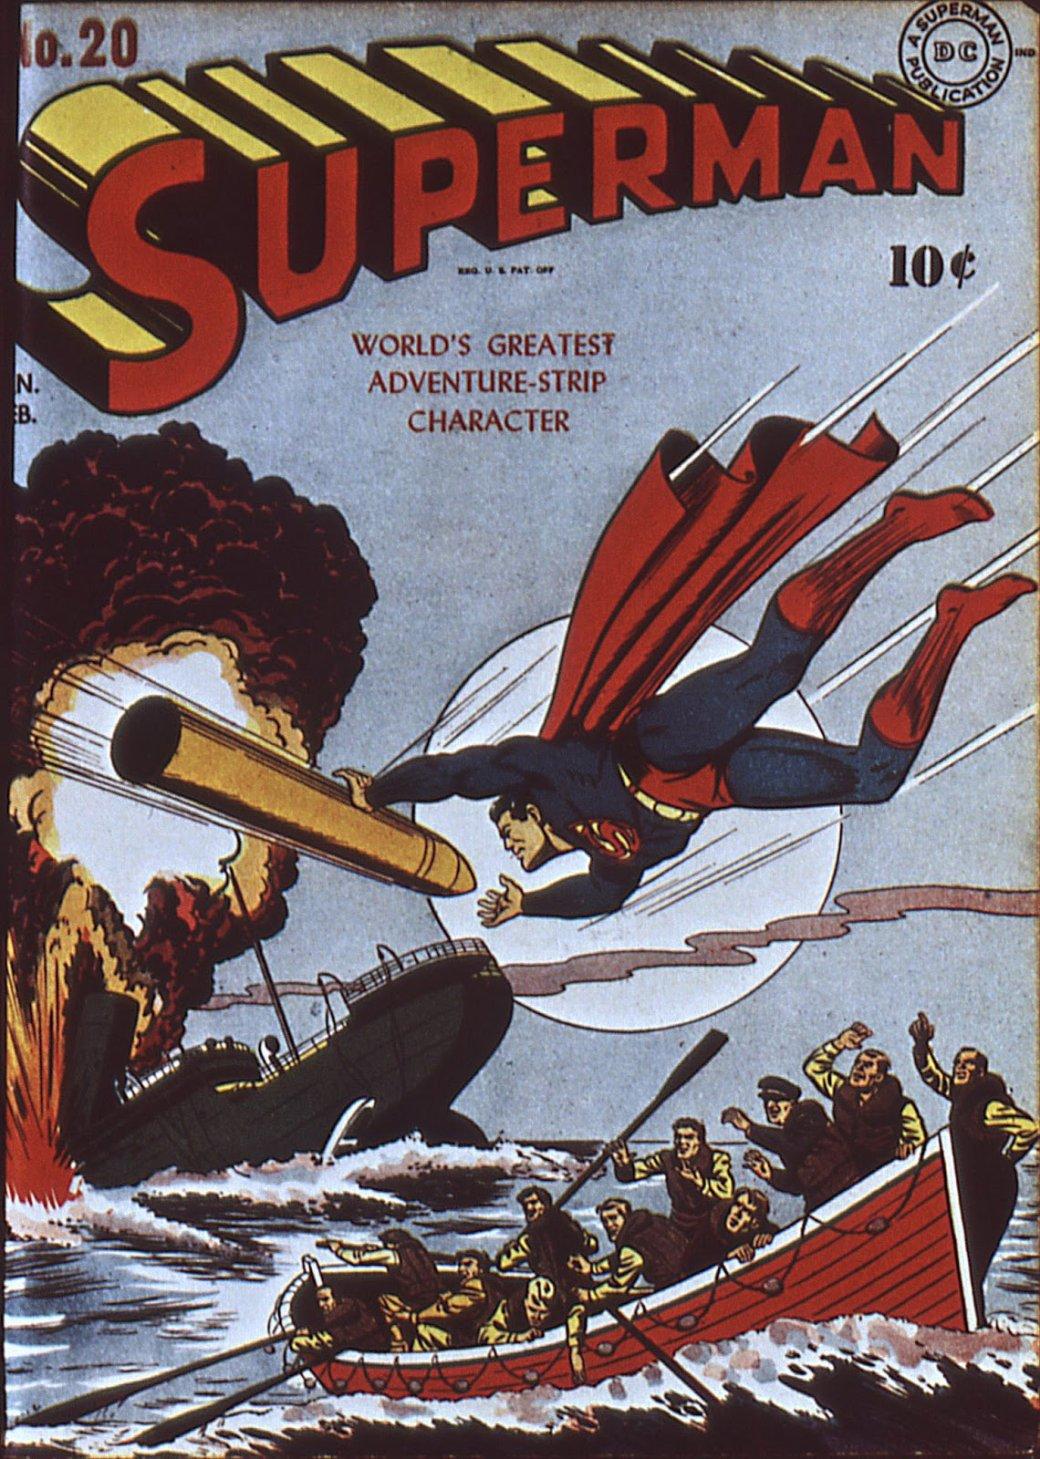 История Супермена иэволюция его образа вкомиксах | Канобу - Изображение 9